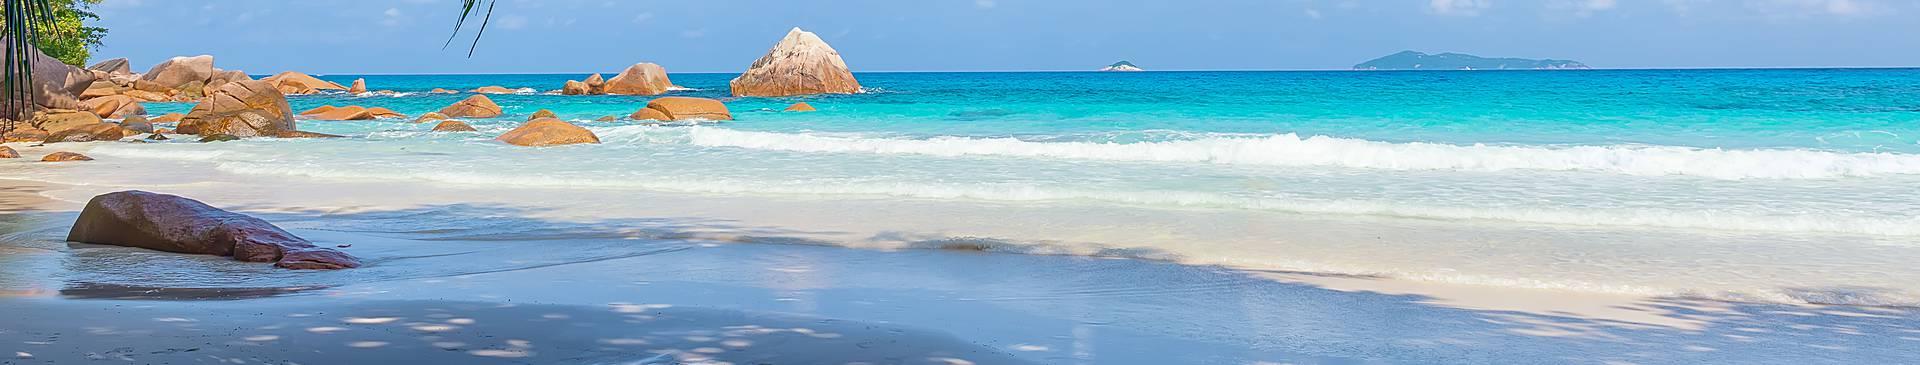 Viaggi alle Seychelles in estate